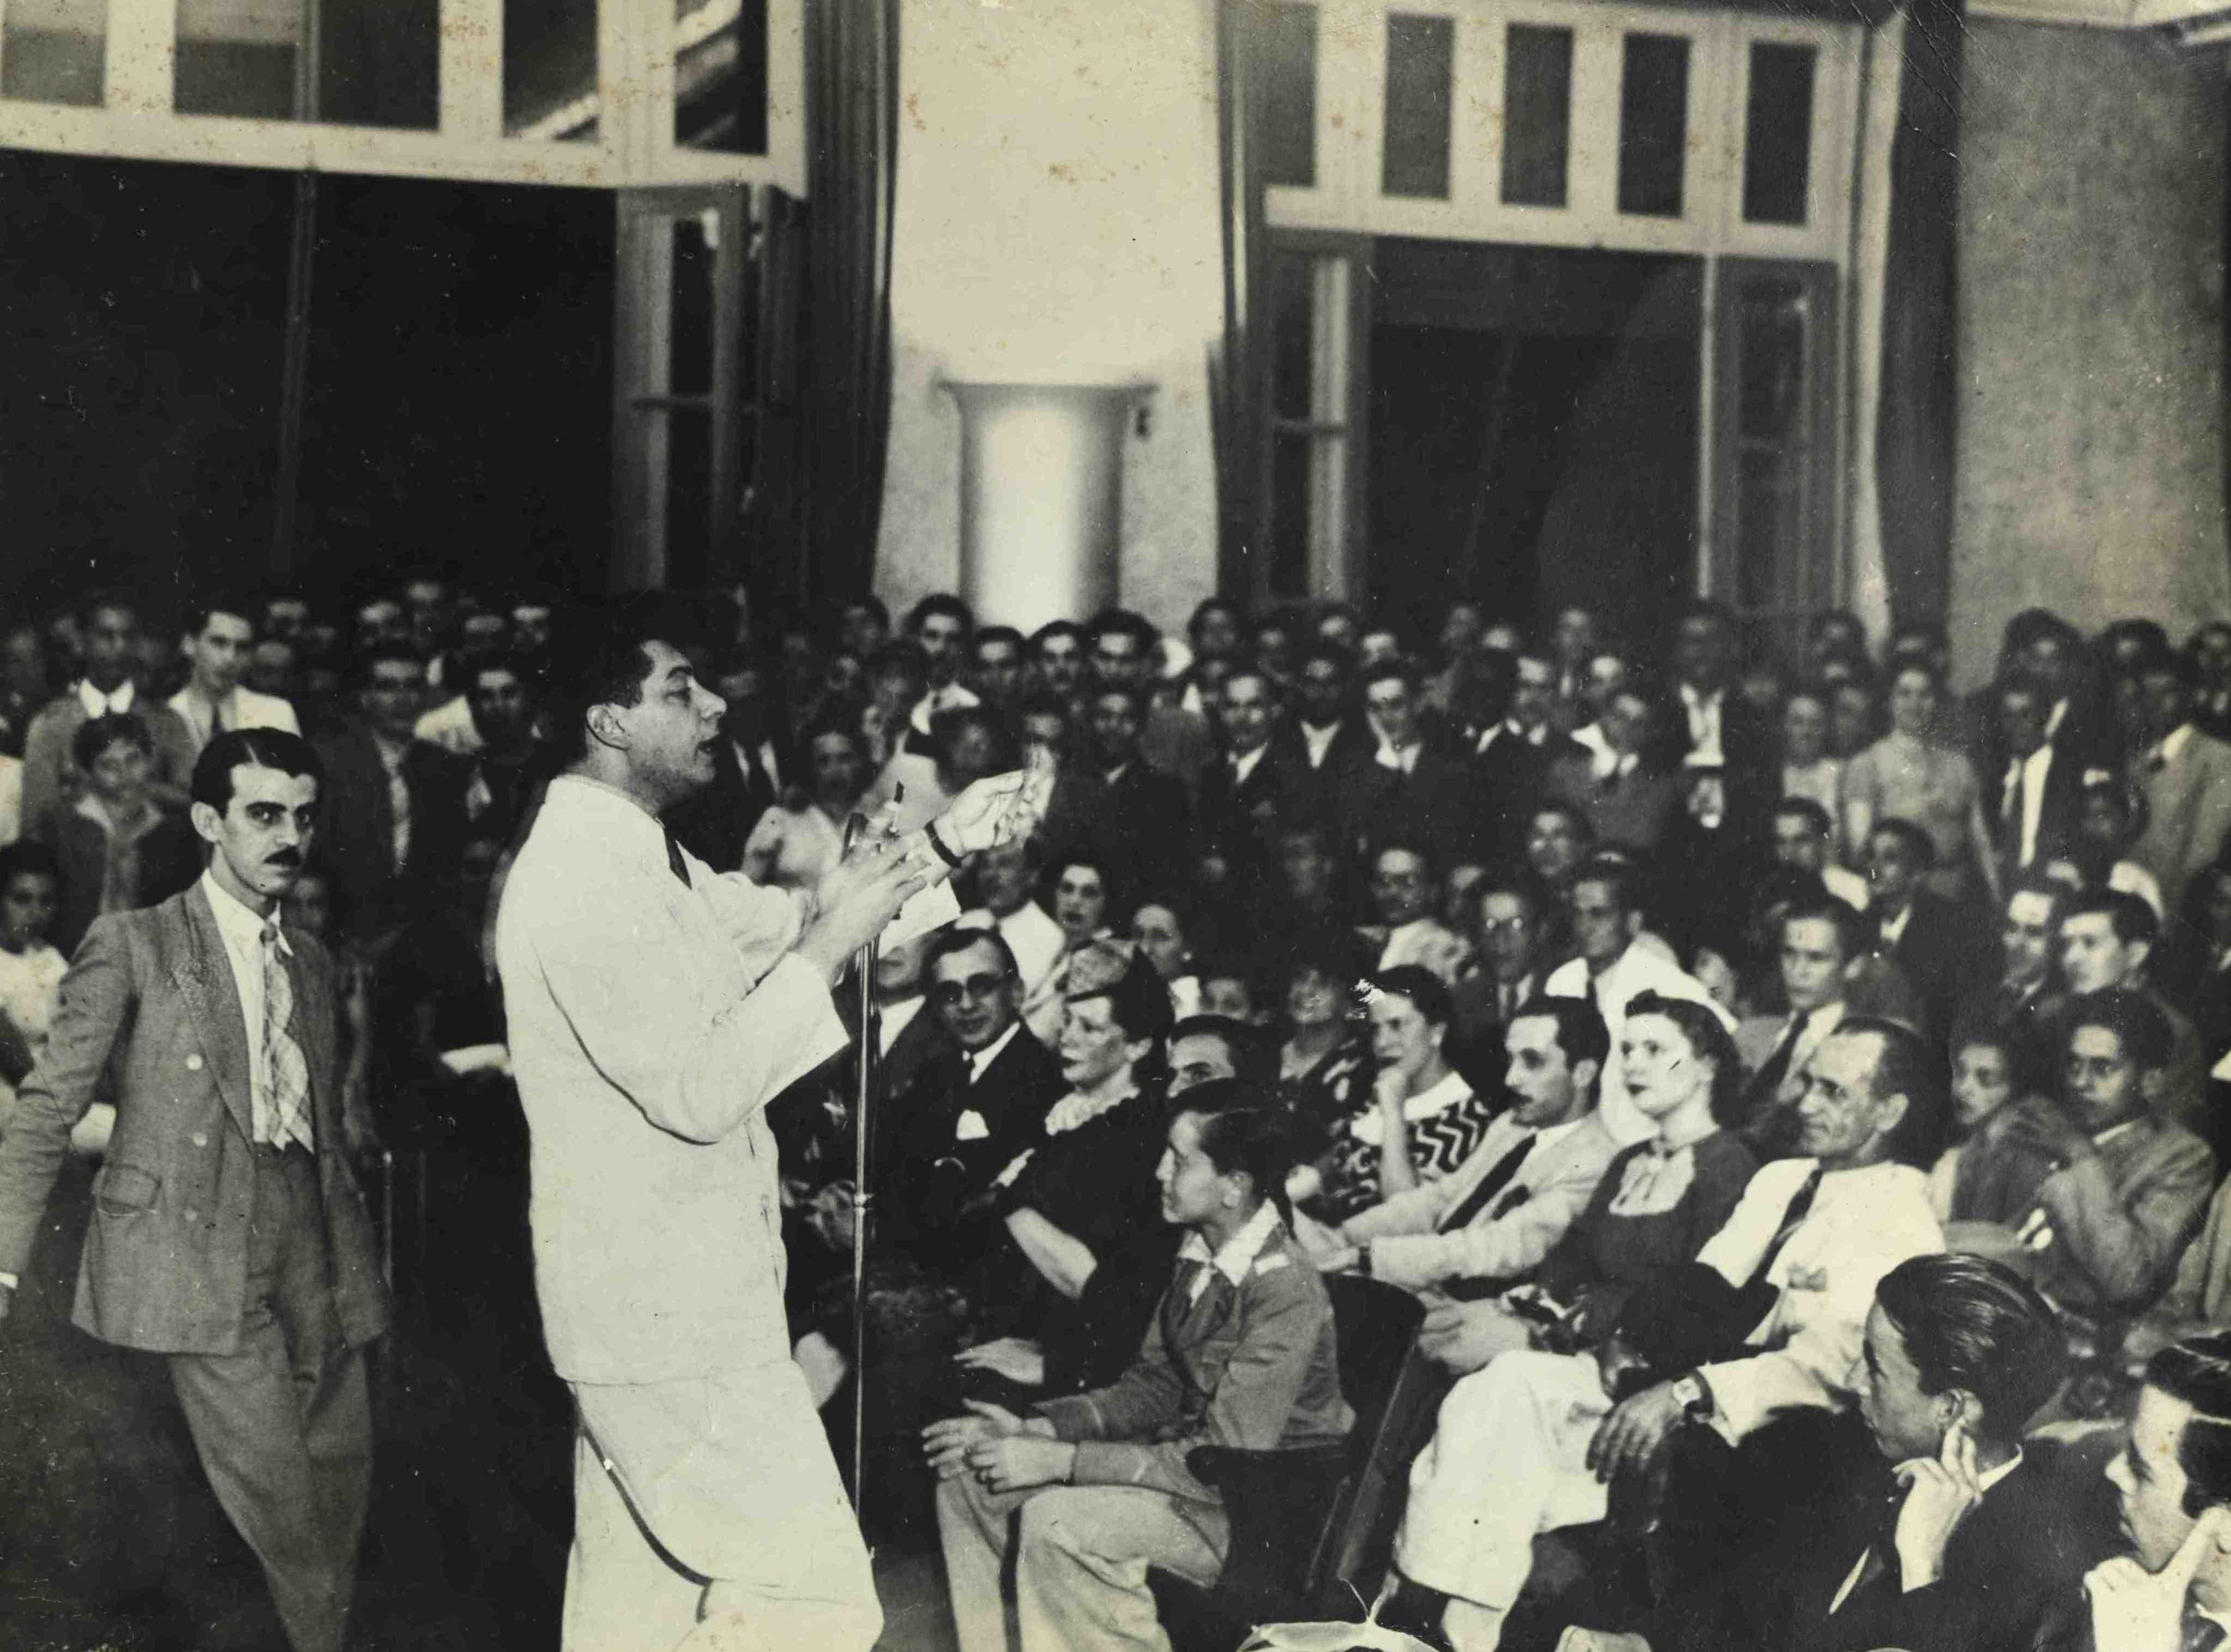 Almirante ao microfone no auditório da Rádio Nacional. Praça Mauá, Rio de Janeiro (MIS_Alm_041252 / Acervo Almirante / MIS-RJ)